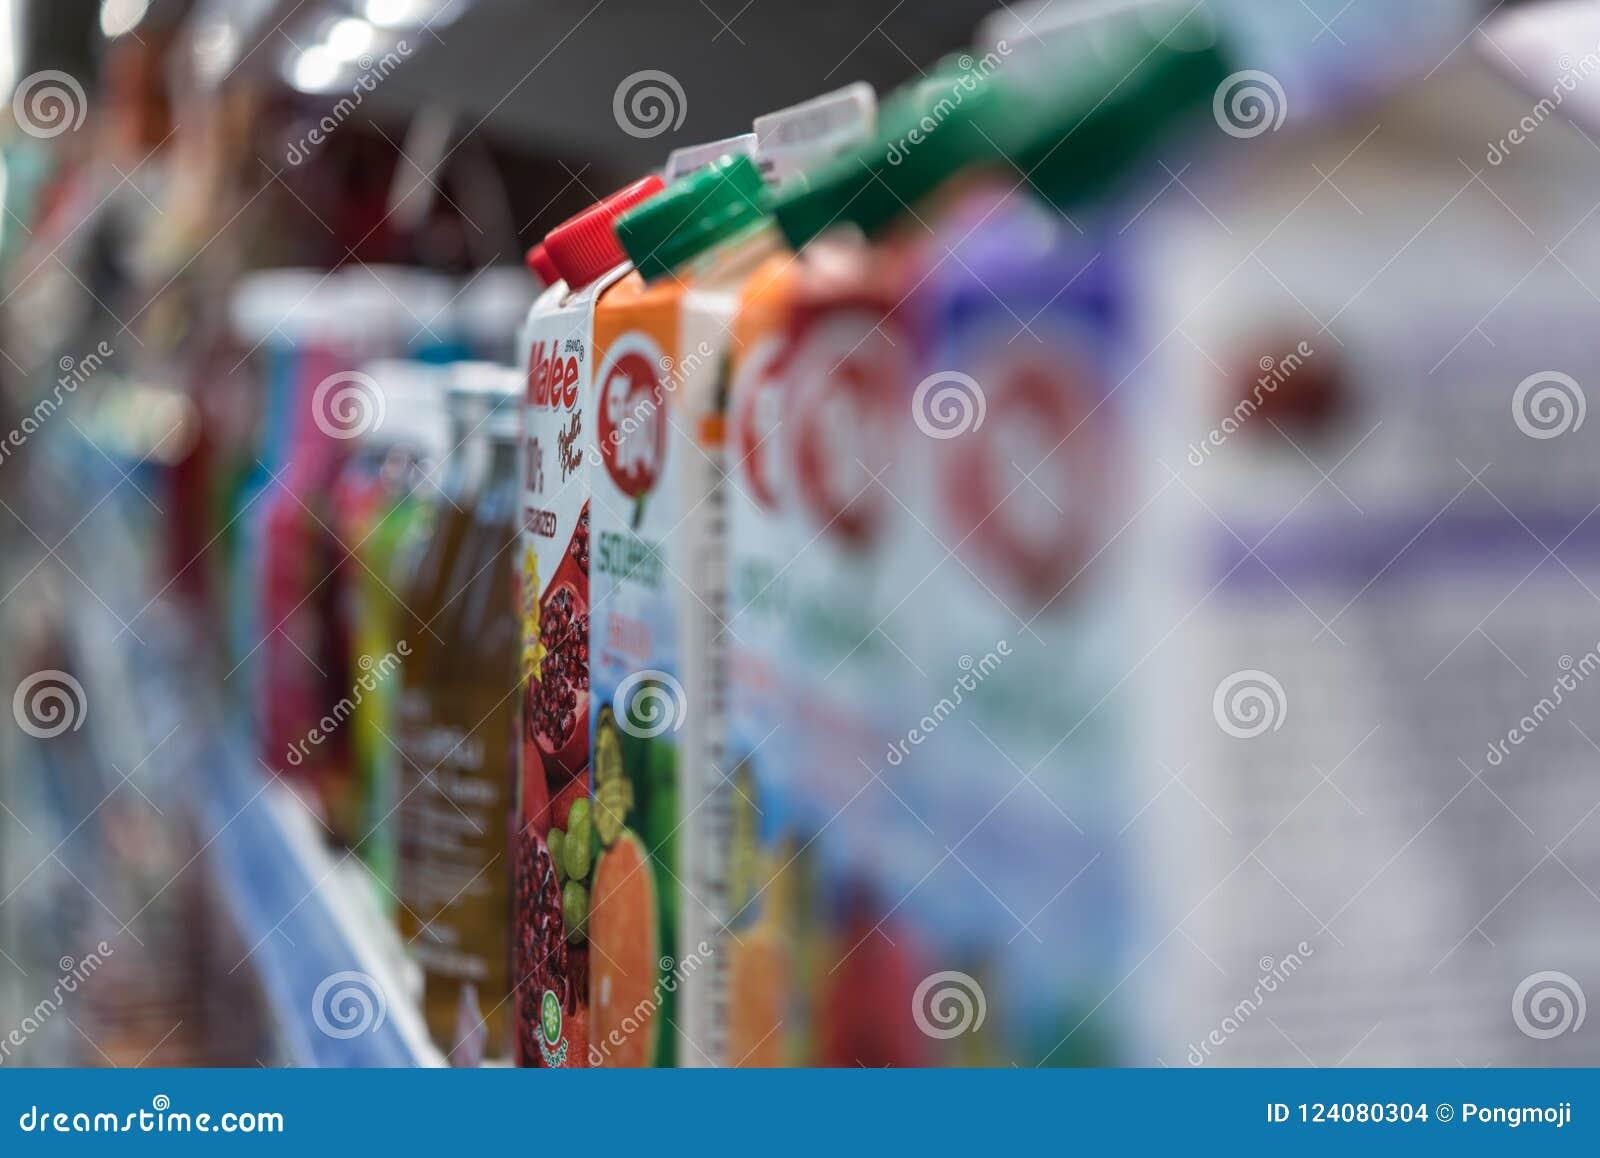 Många typer av dryckfruktsaft i supermarket